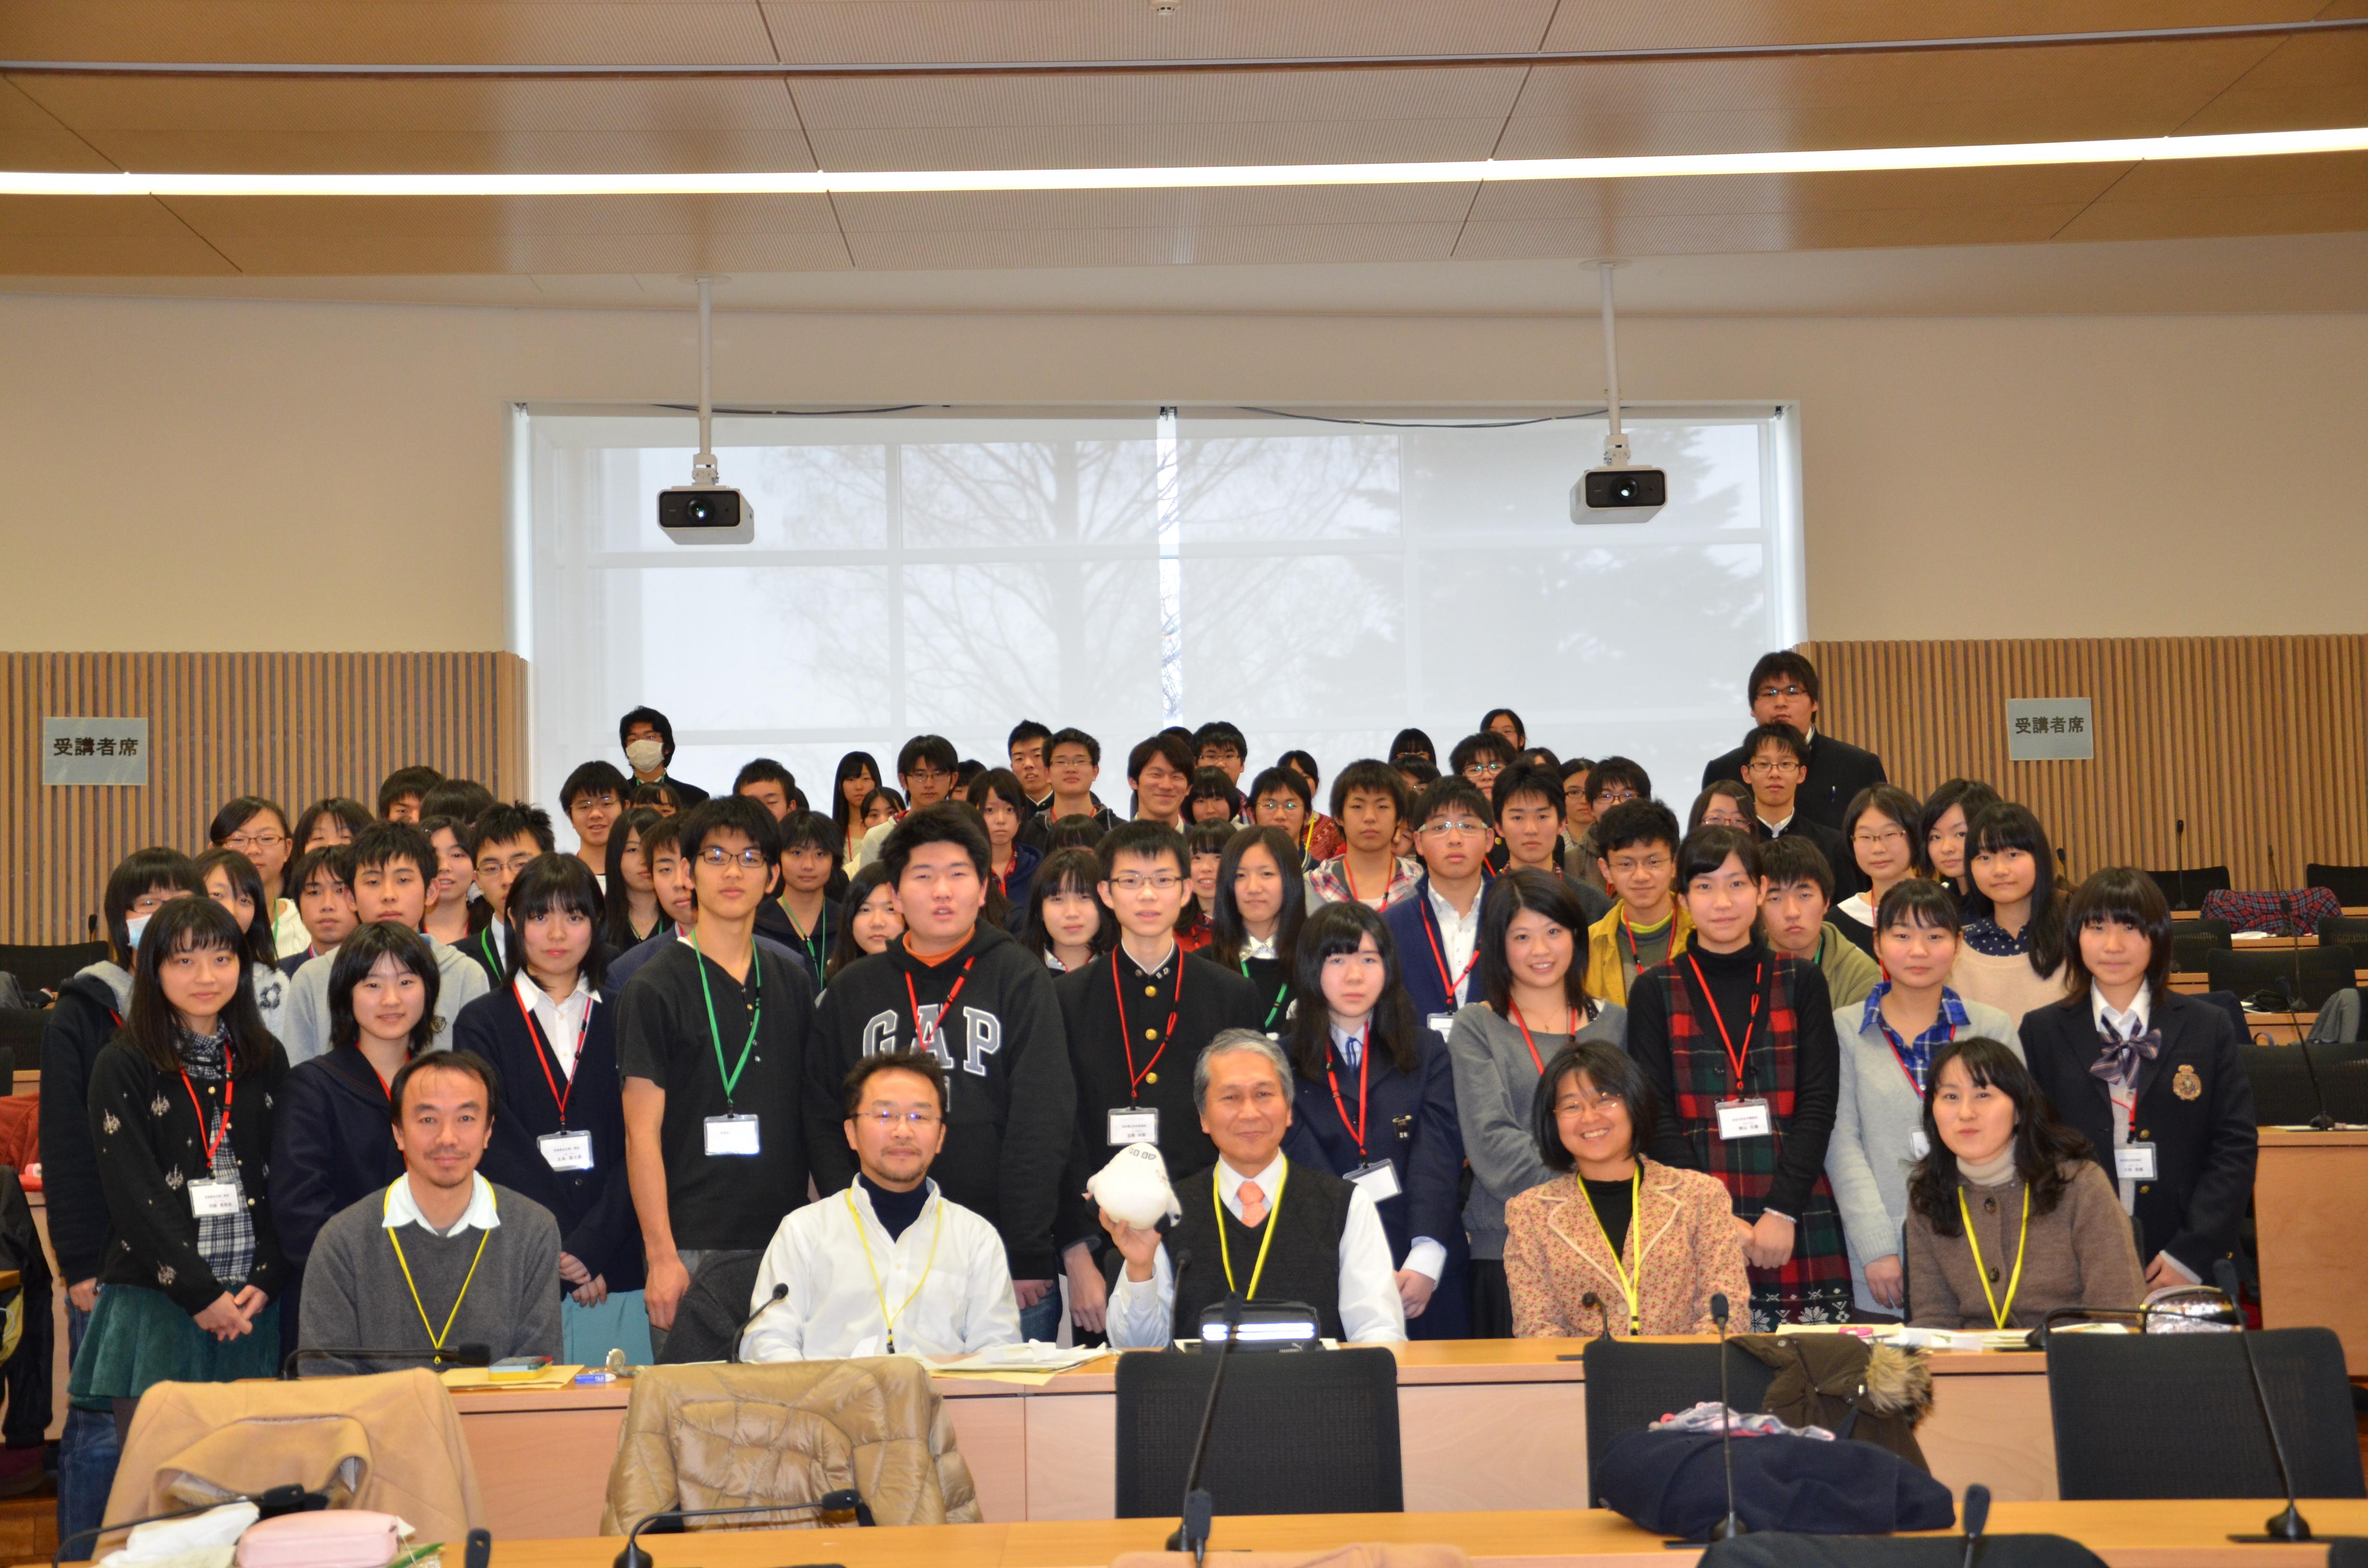 http://www.ige.tohoku.ac.jp/mirai/news/upload_items/201312/048.JPG